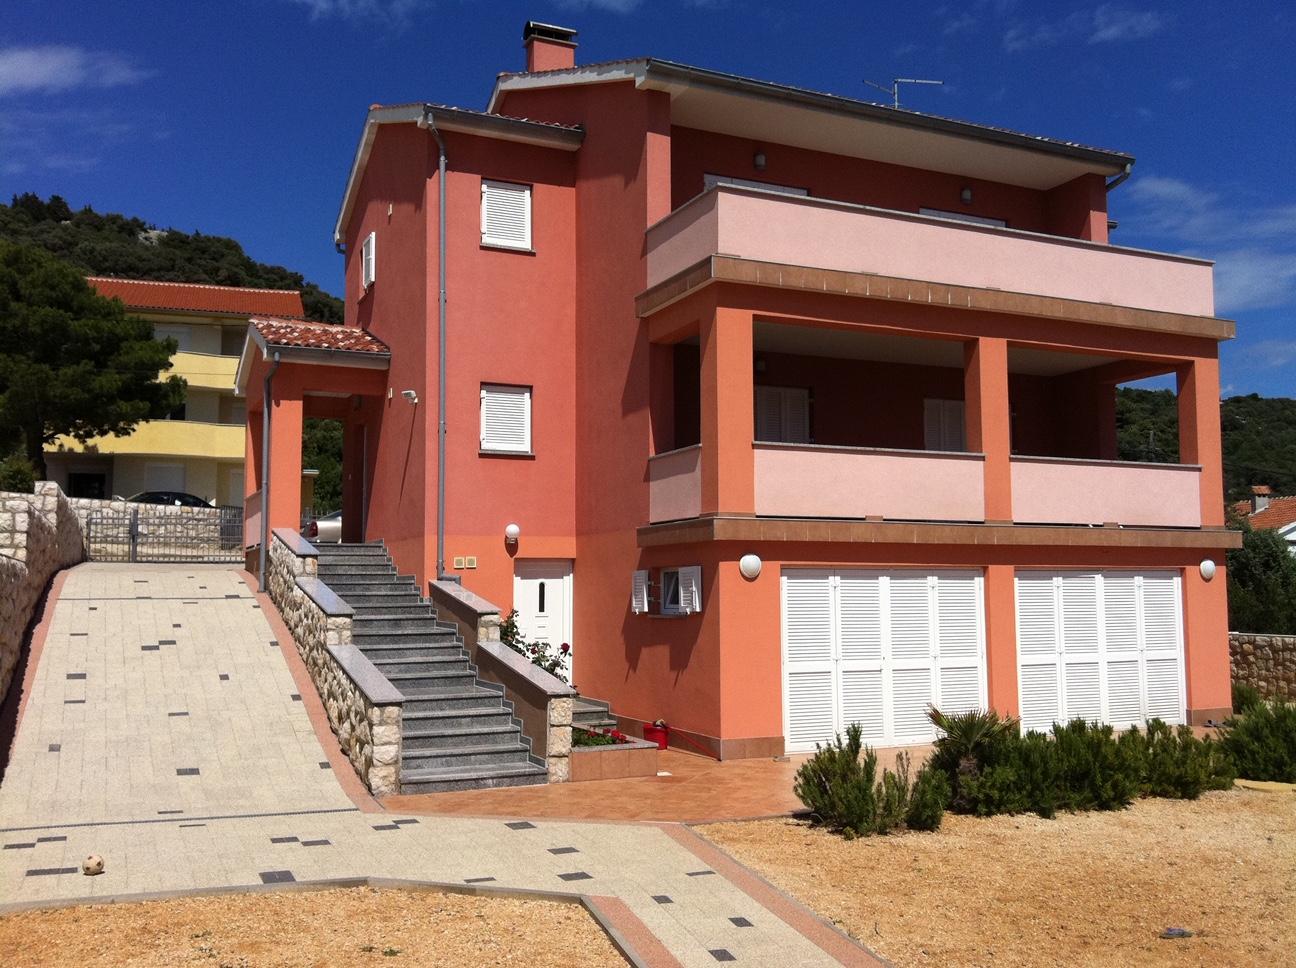 Kuća: Barbat na Rabu, dvokatnica, 288 m2, i zemljište 730m2 (prodaja)